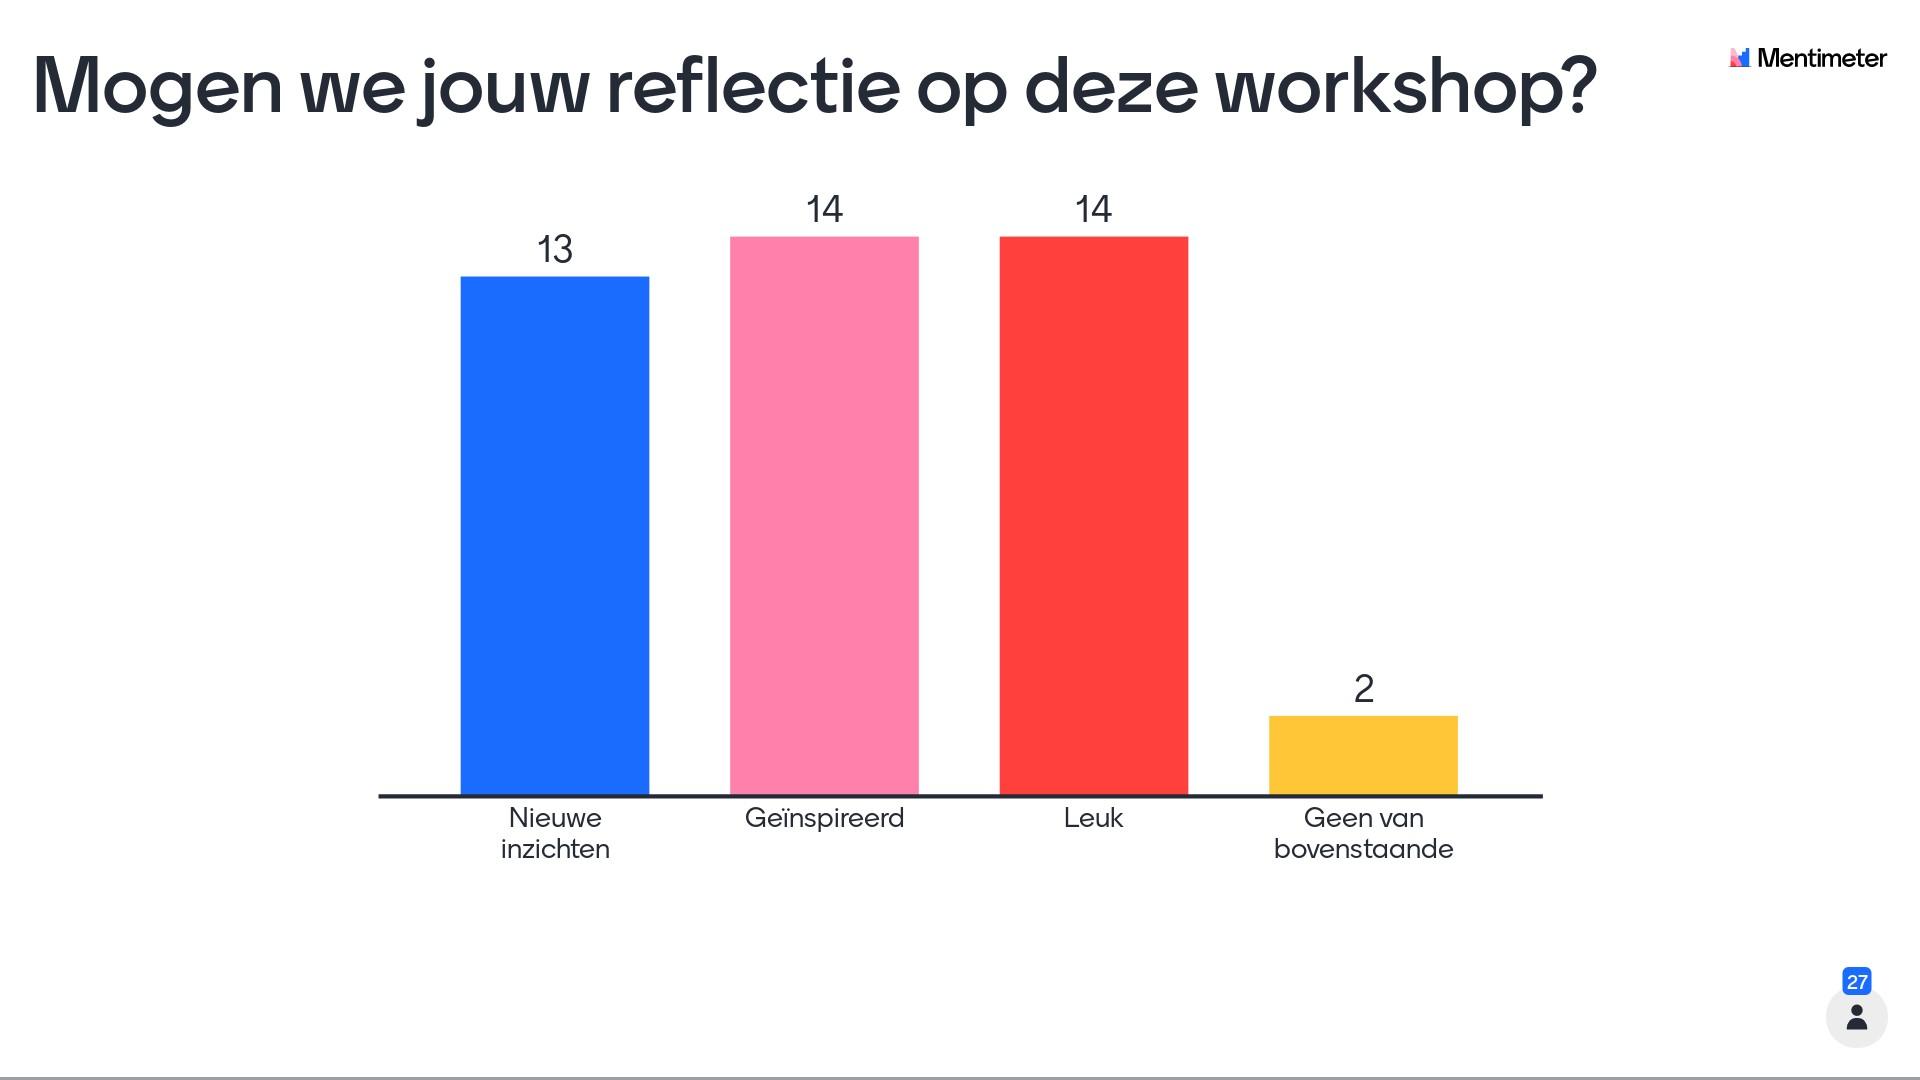 2-mogen-we-jouw-reflectie-op-deze-workshop